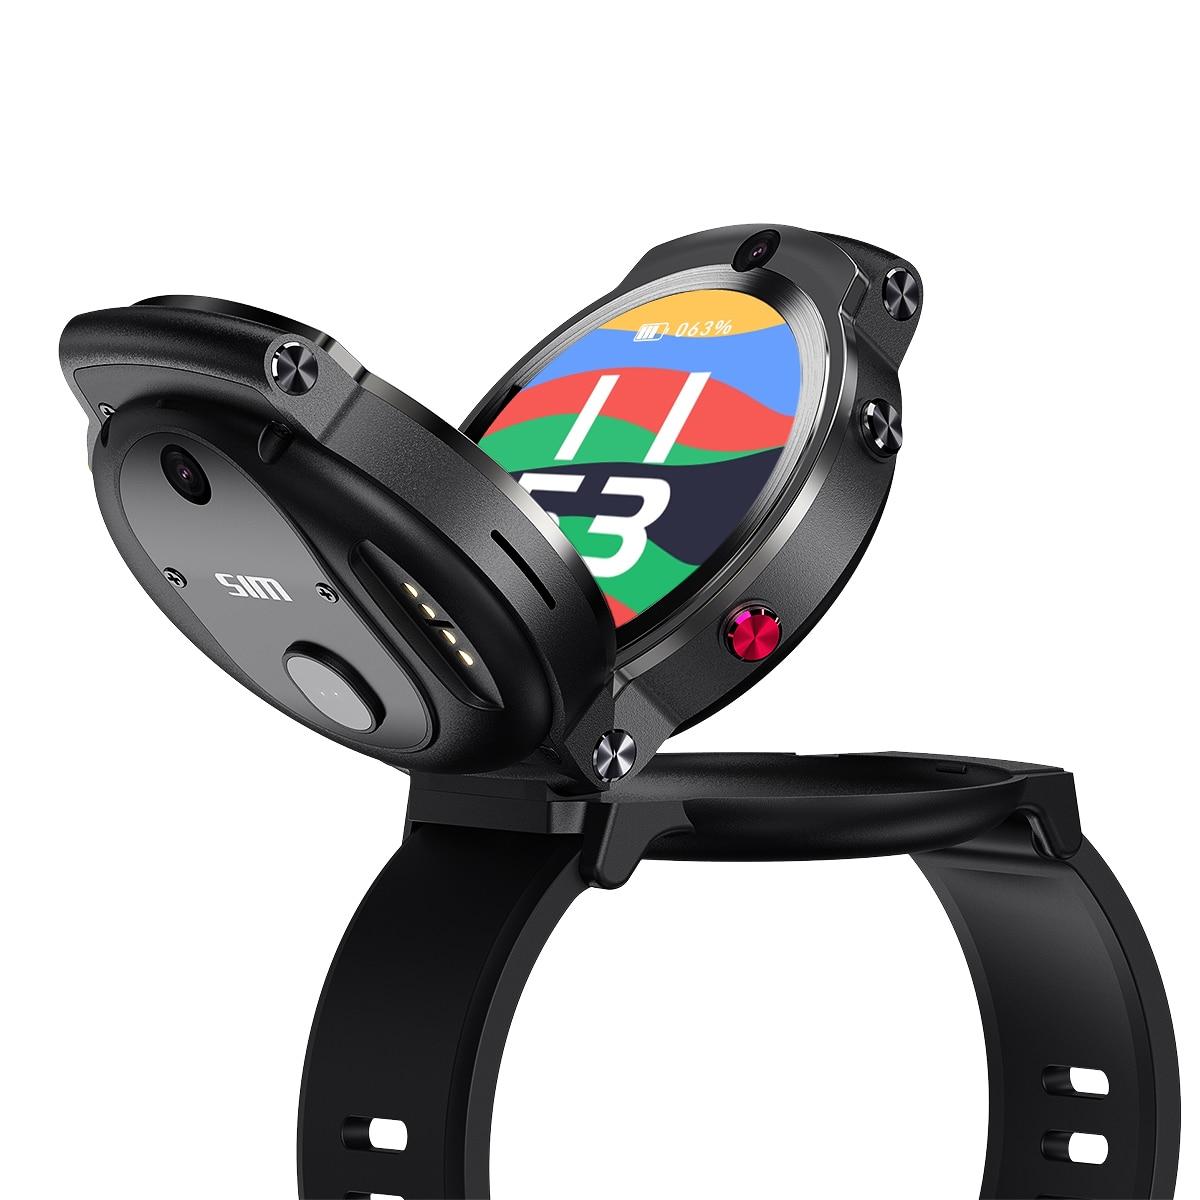 DM28 inteligente reloj de las mujeres de los hombres 4G identificación facial 1,6 pulgadas Pantalla Completa Android 7,1 OS 3G RAM 32G ROM 4G LTE Sim GPS supervisión de frecuencia cardiaca por WIFI